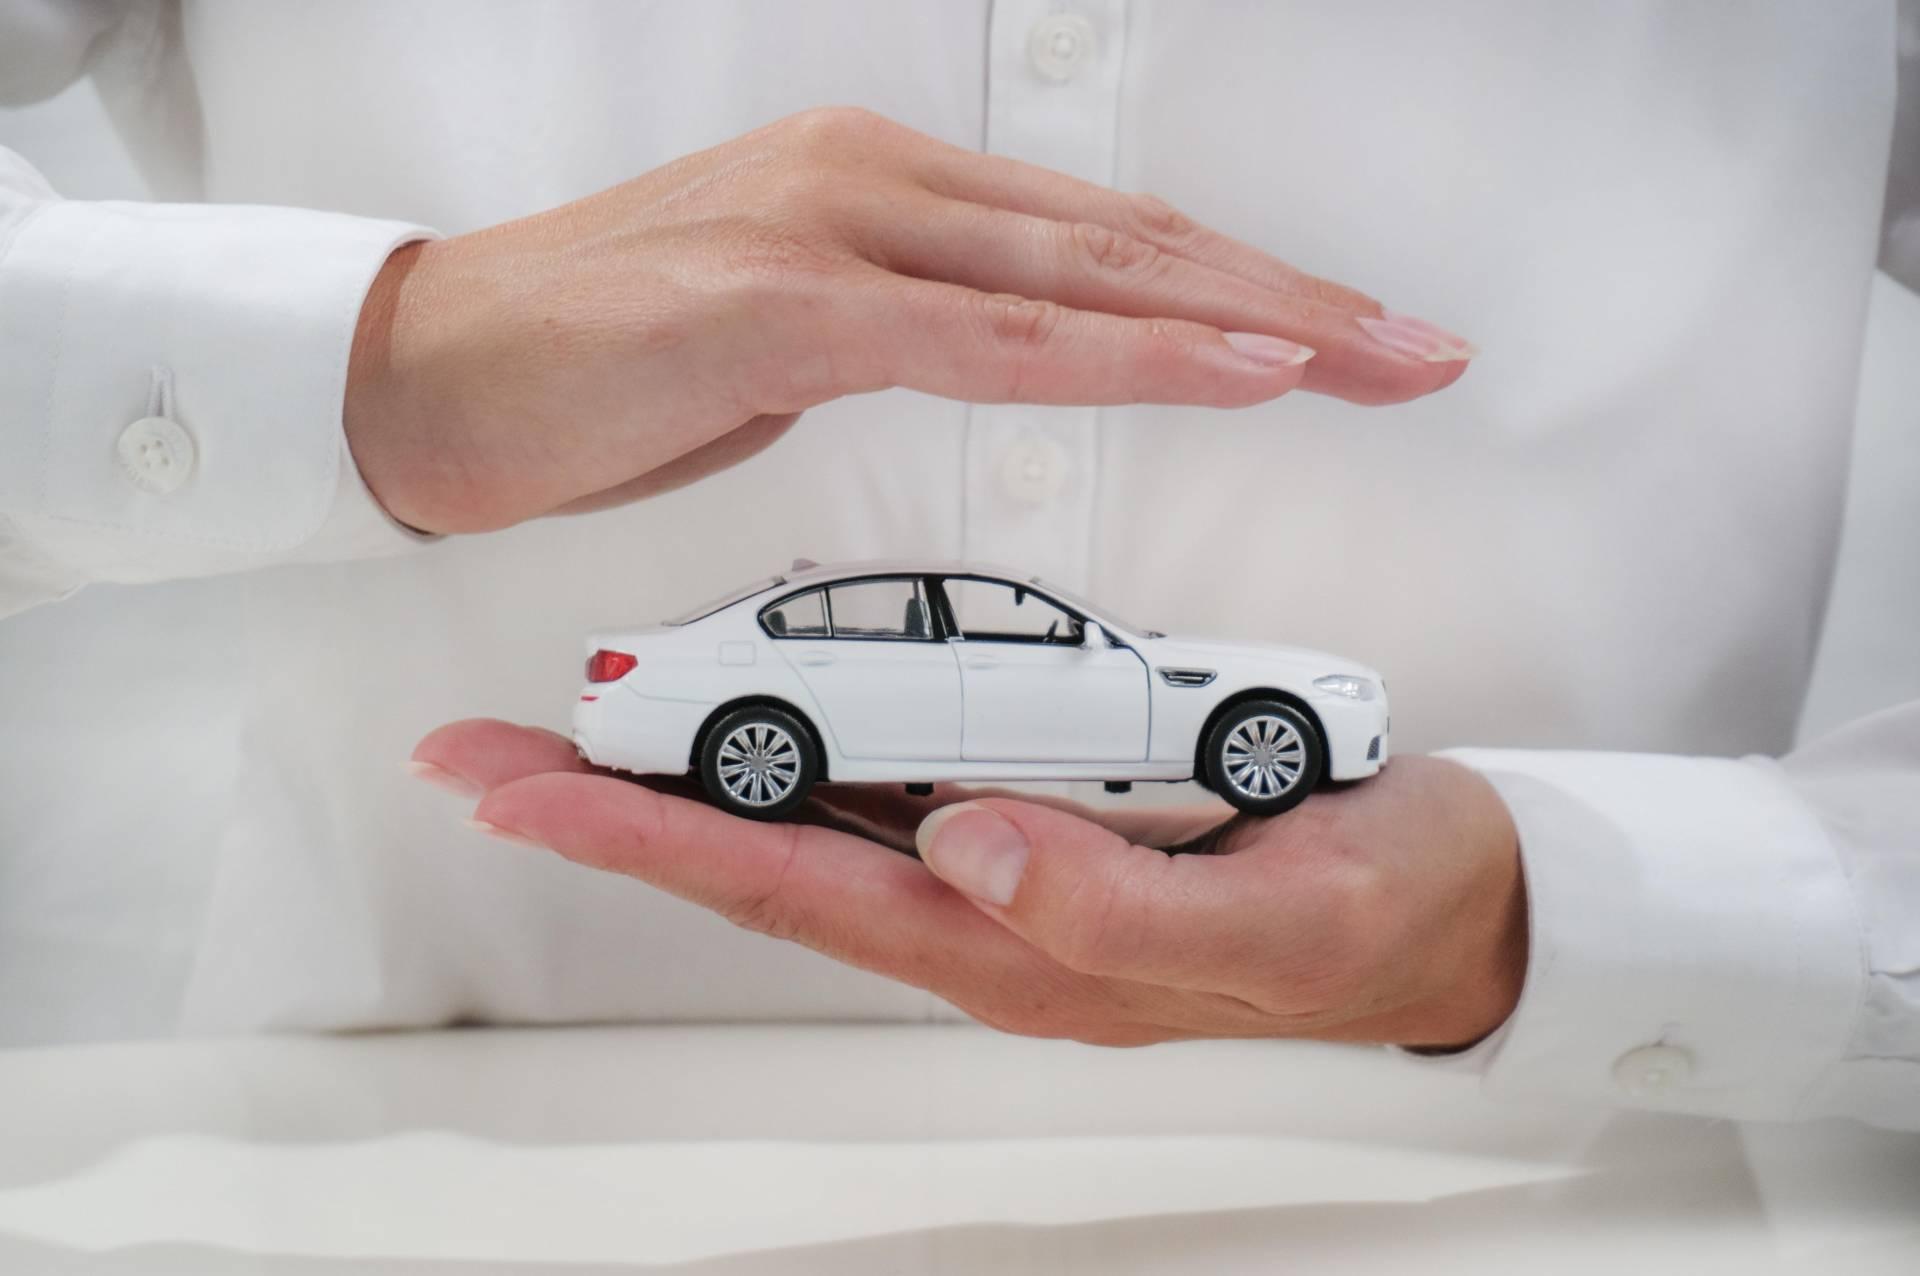 Ψηφιακά προσωρινή άδεια κυκλοφορίας για όχημα σε ακινησία